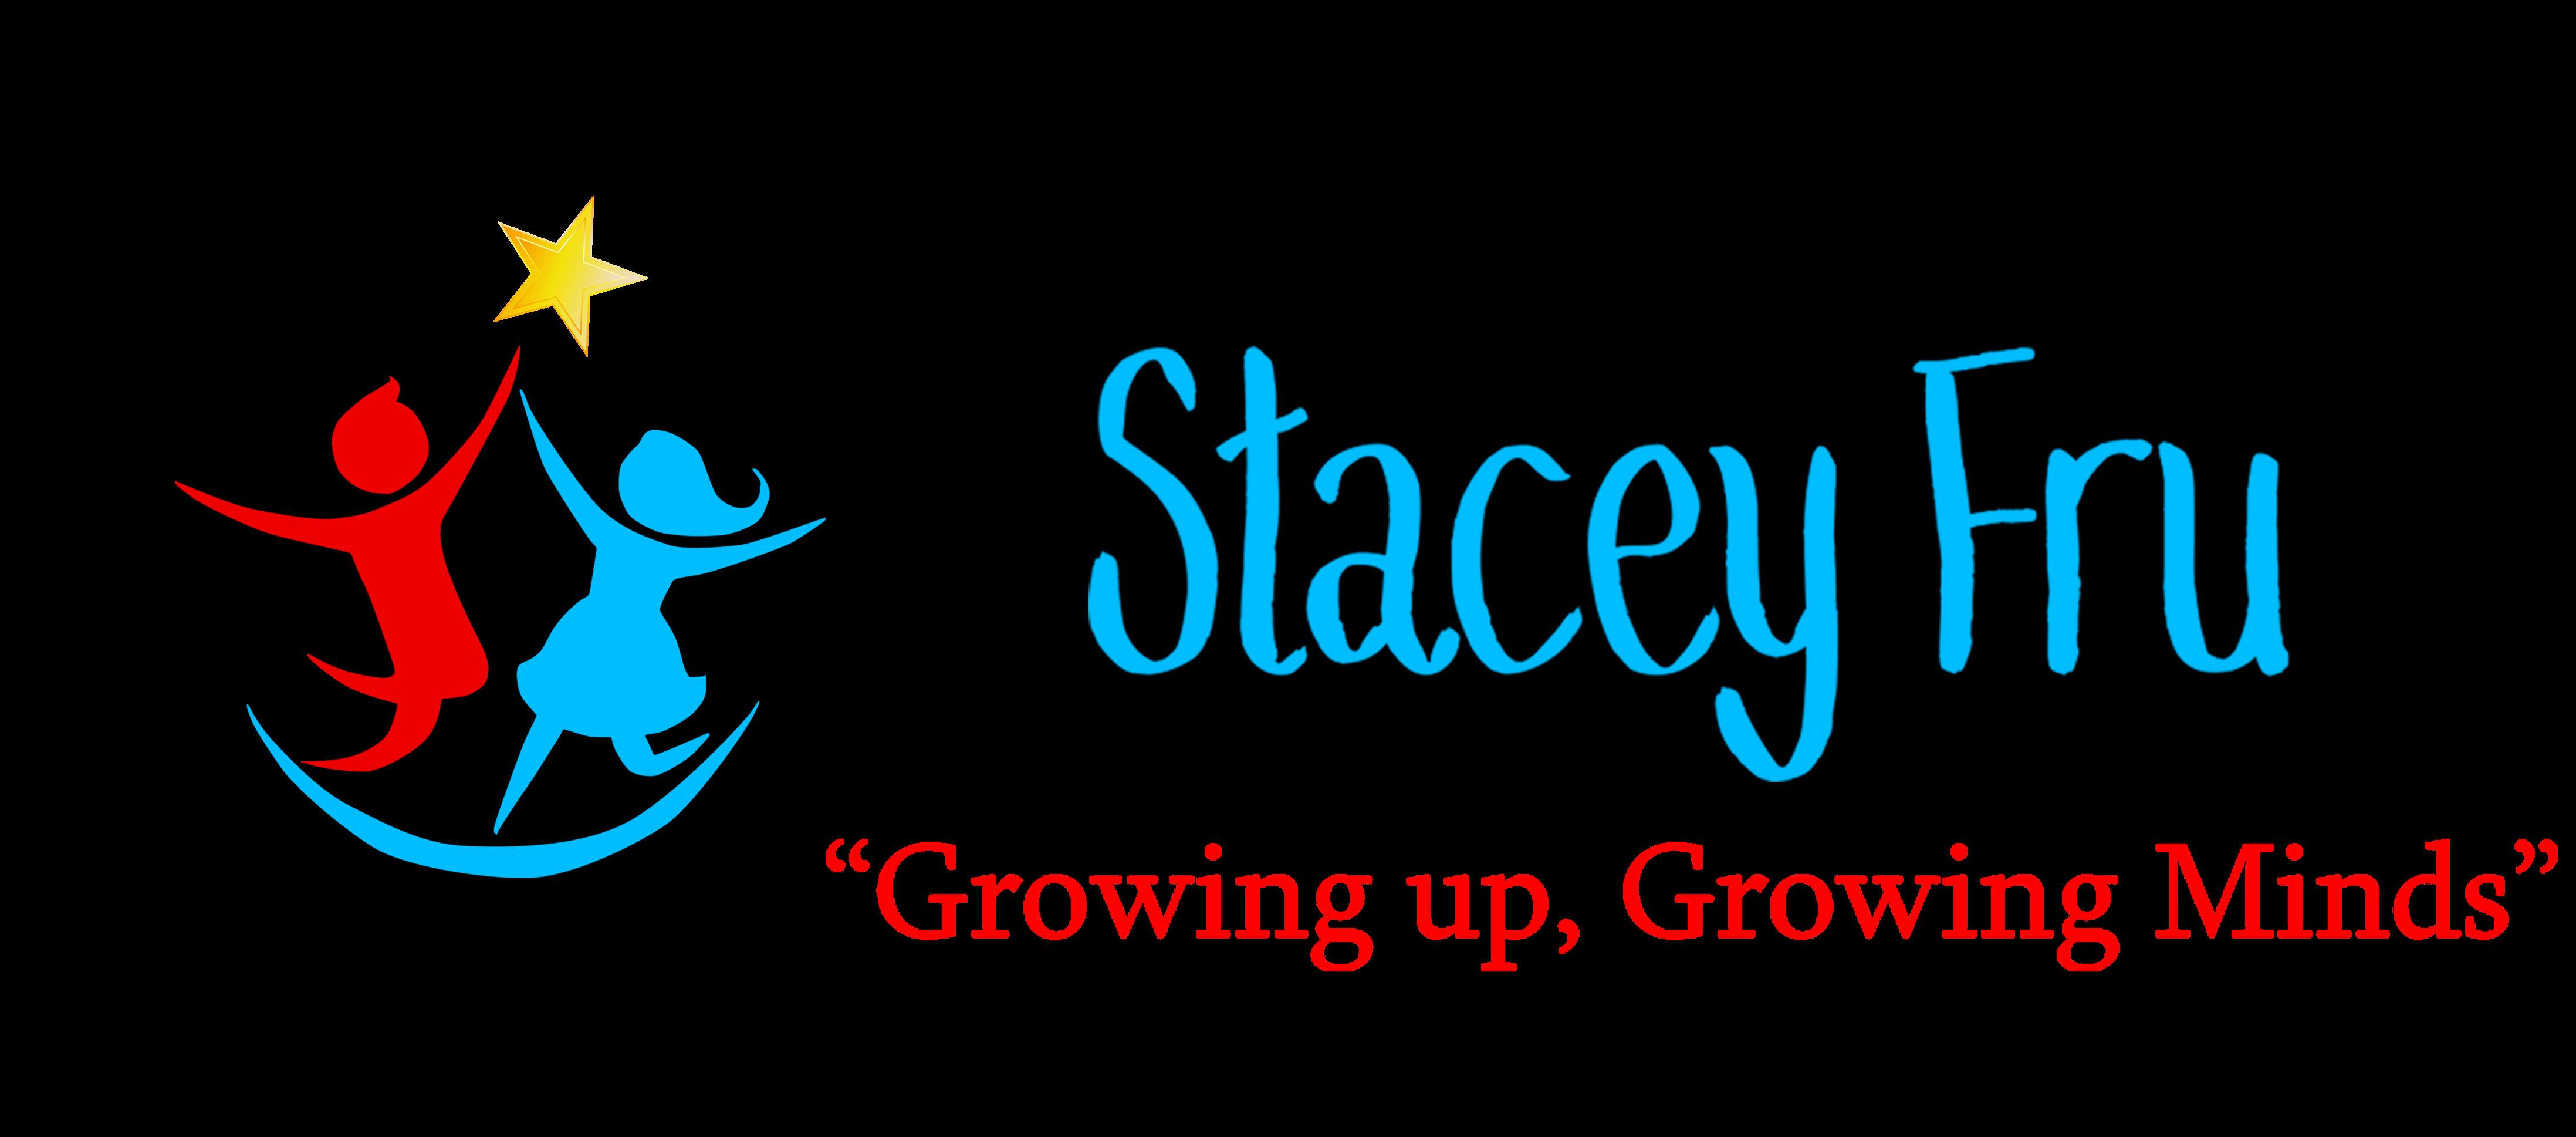 Stacey fru